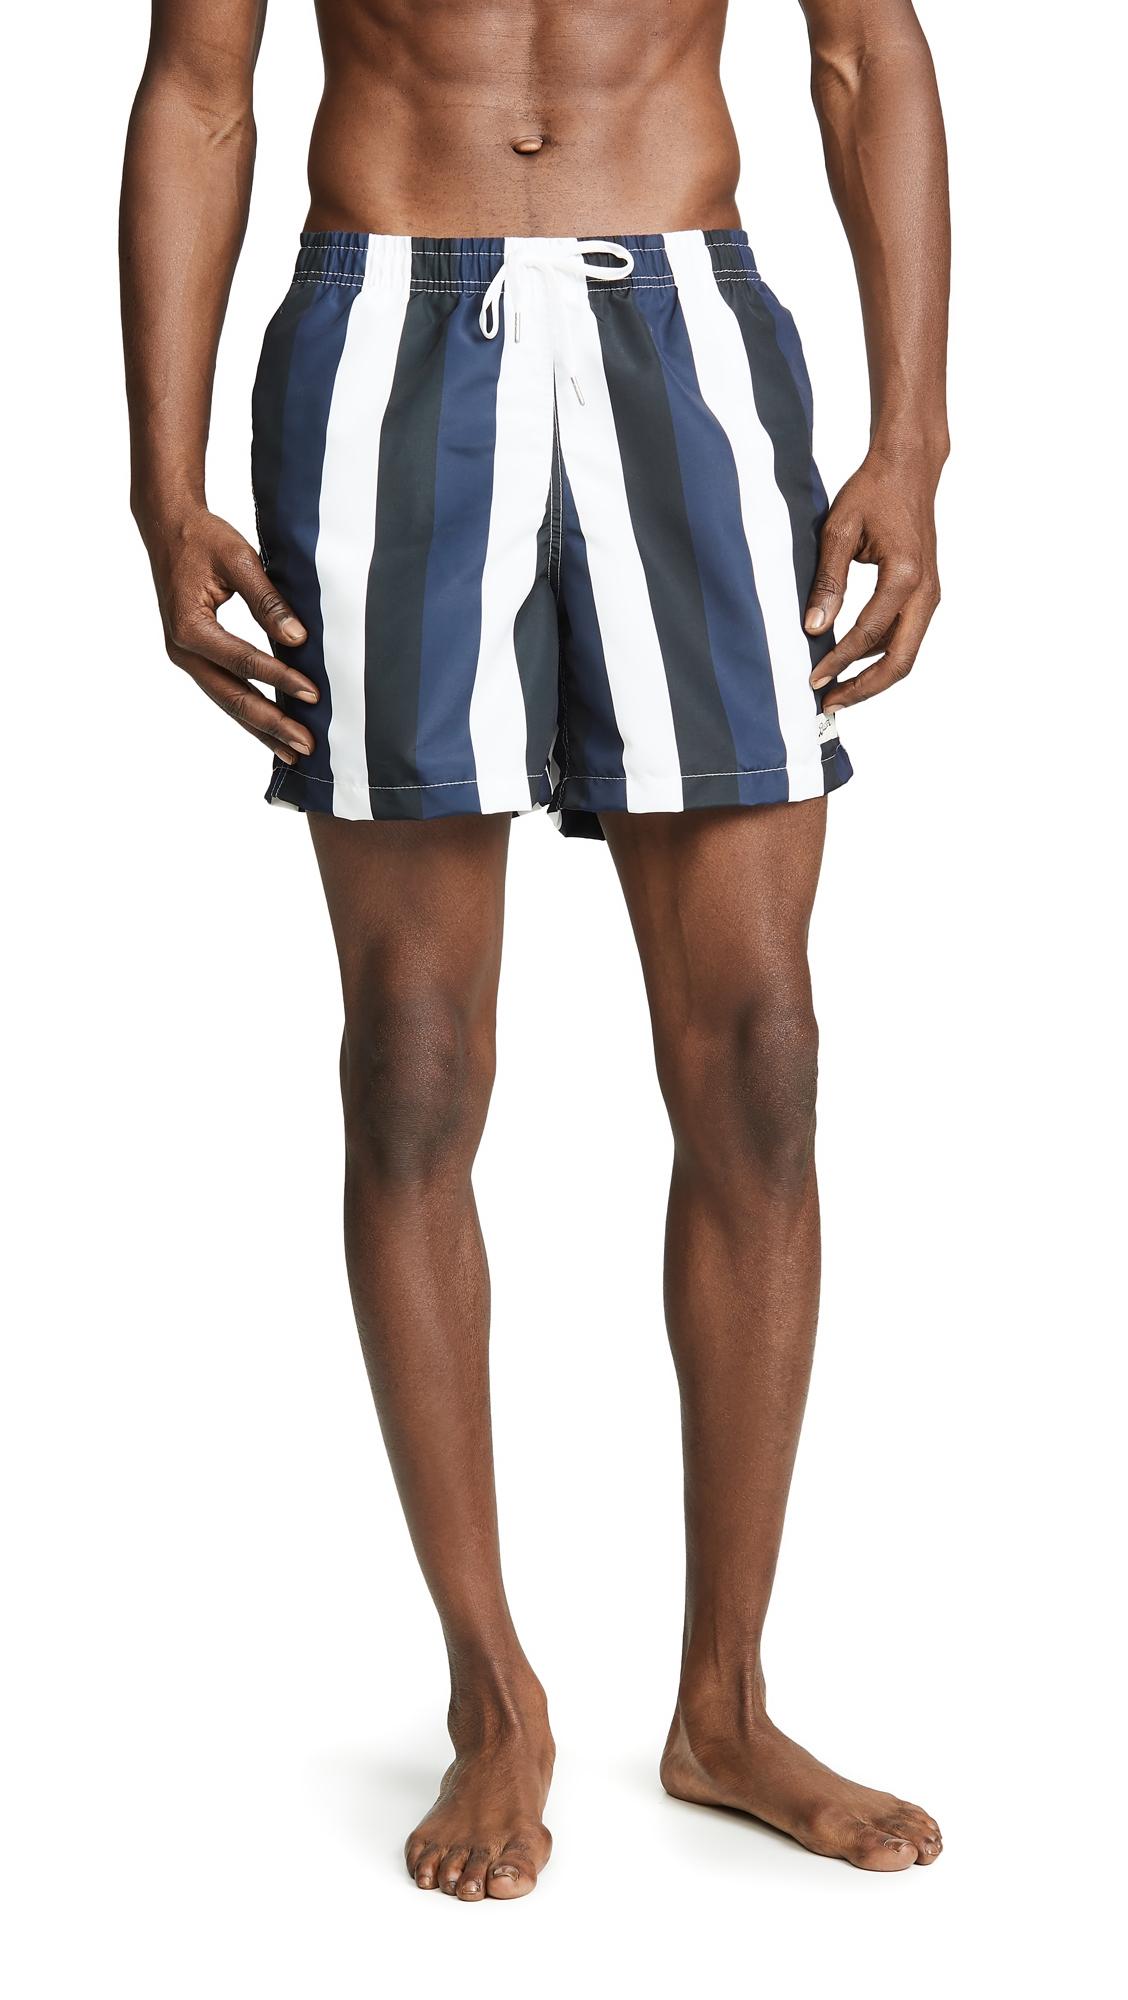 BATHER Blue Black Stripe Swim Trunks in Multi